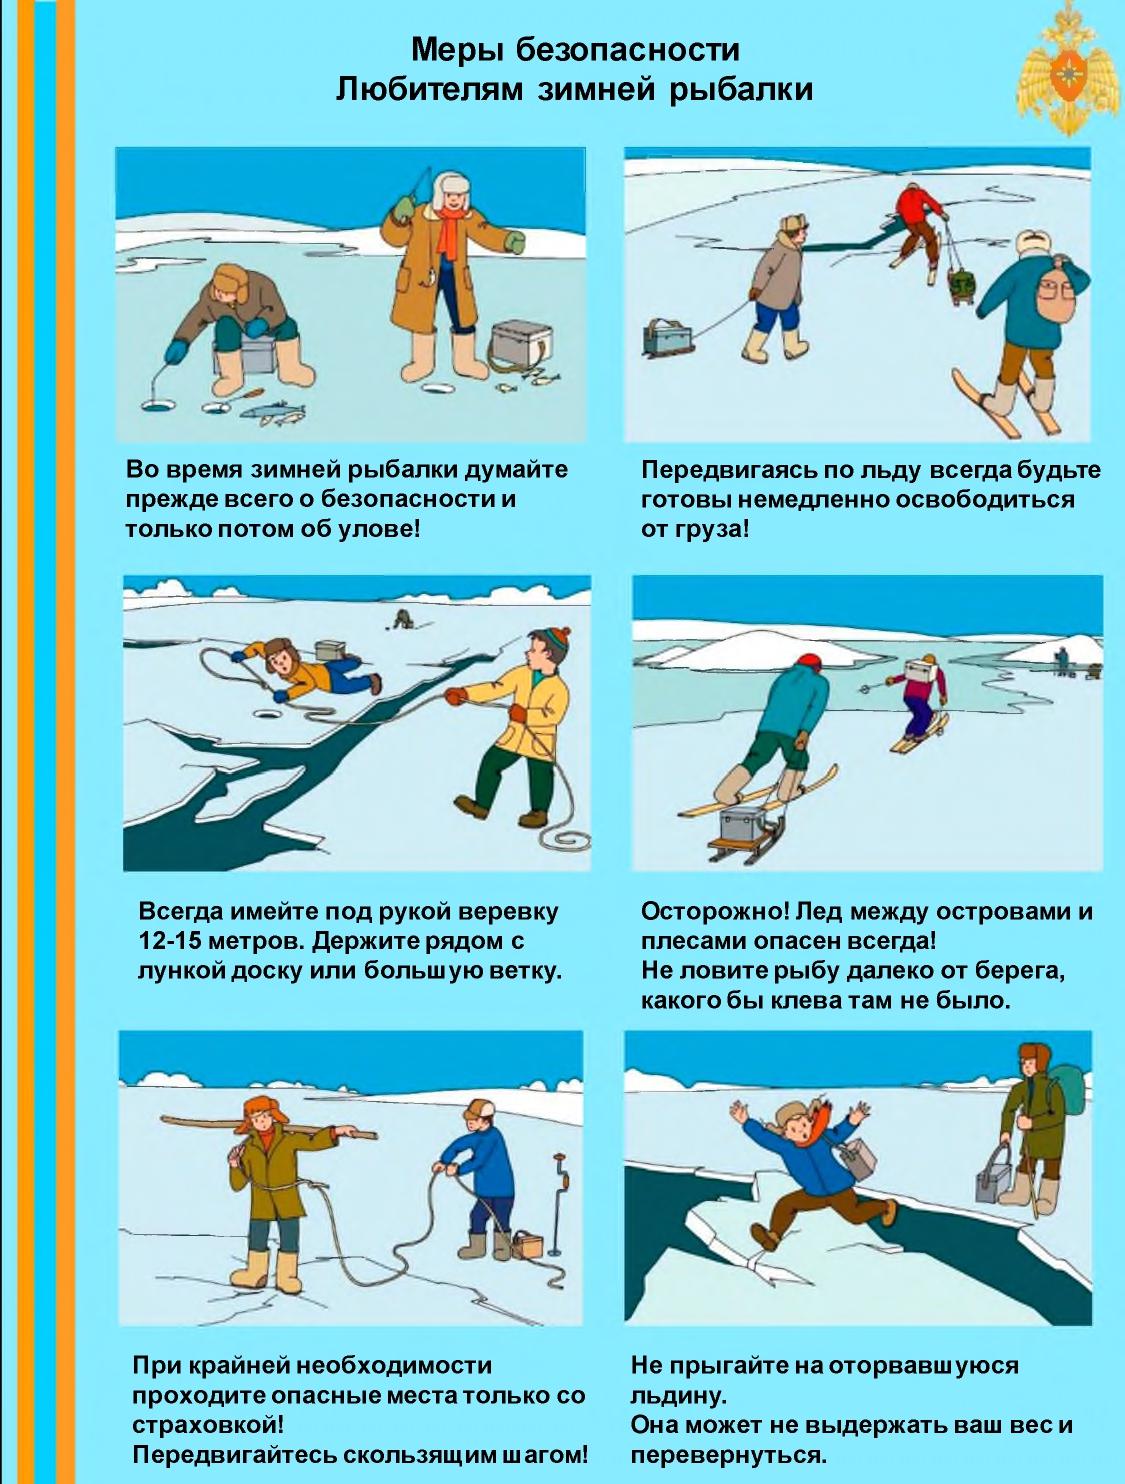 Памятки - зима1 page-0002